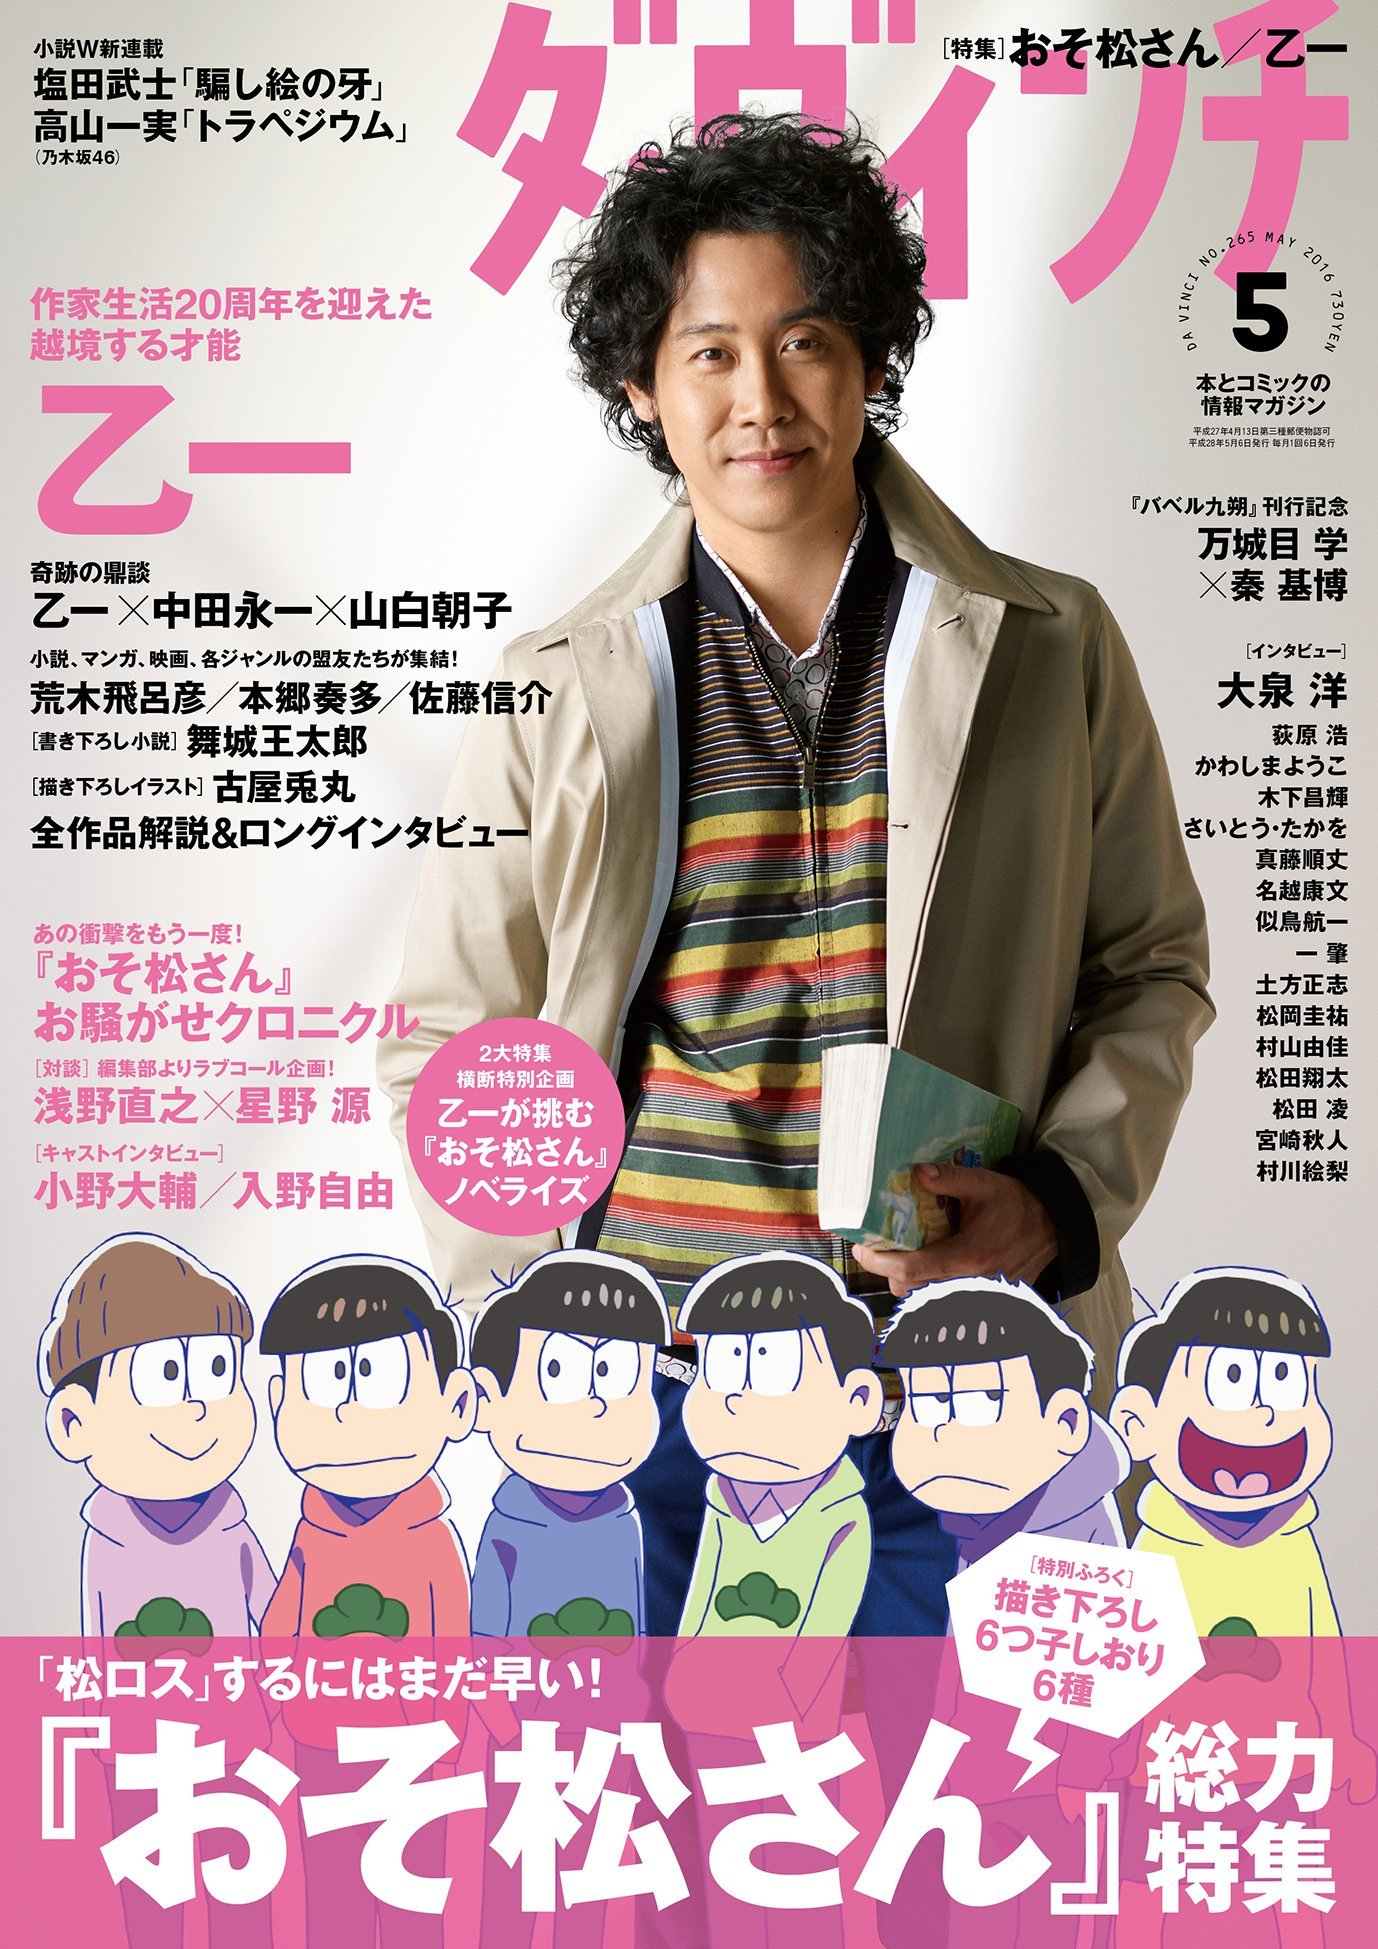 乃木坂46、16年4月1日(金)のメディア情報「ZIP!」「ウォッチン!みやぎ」「バズリズム」ほか